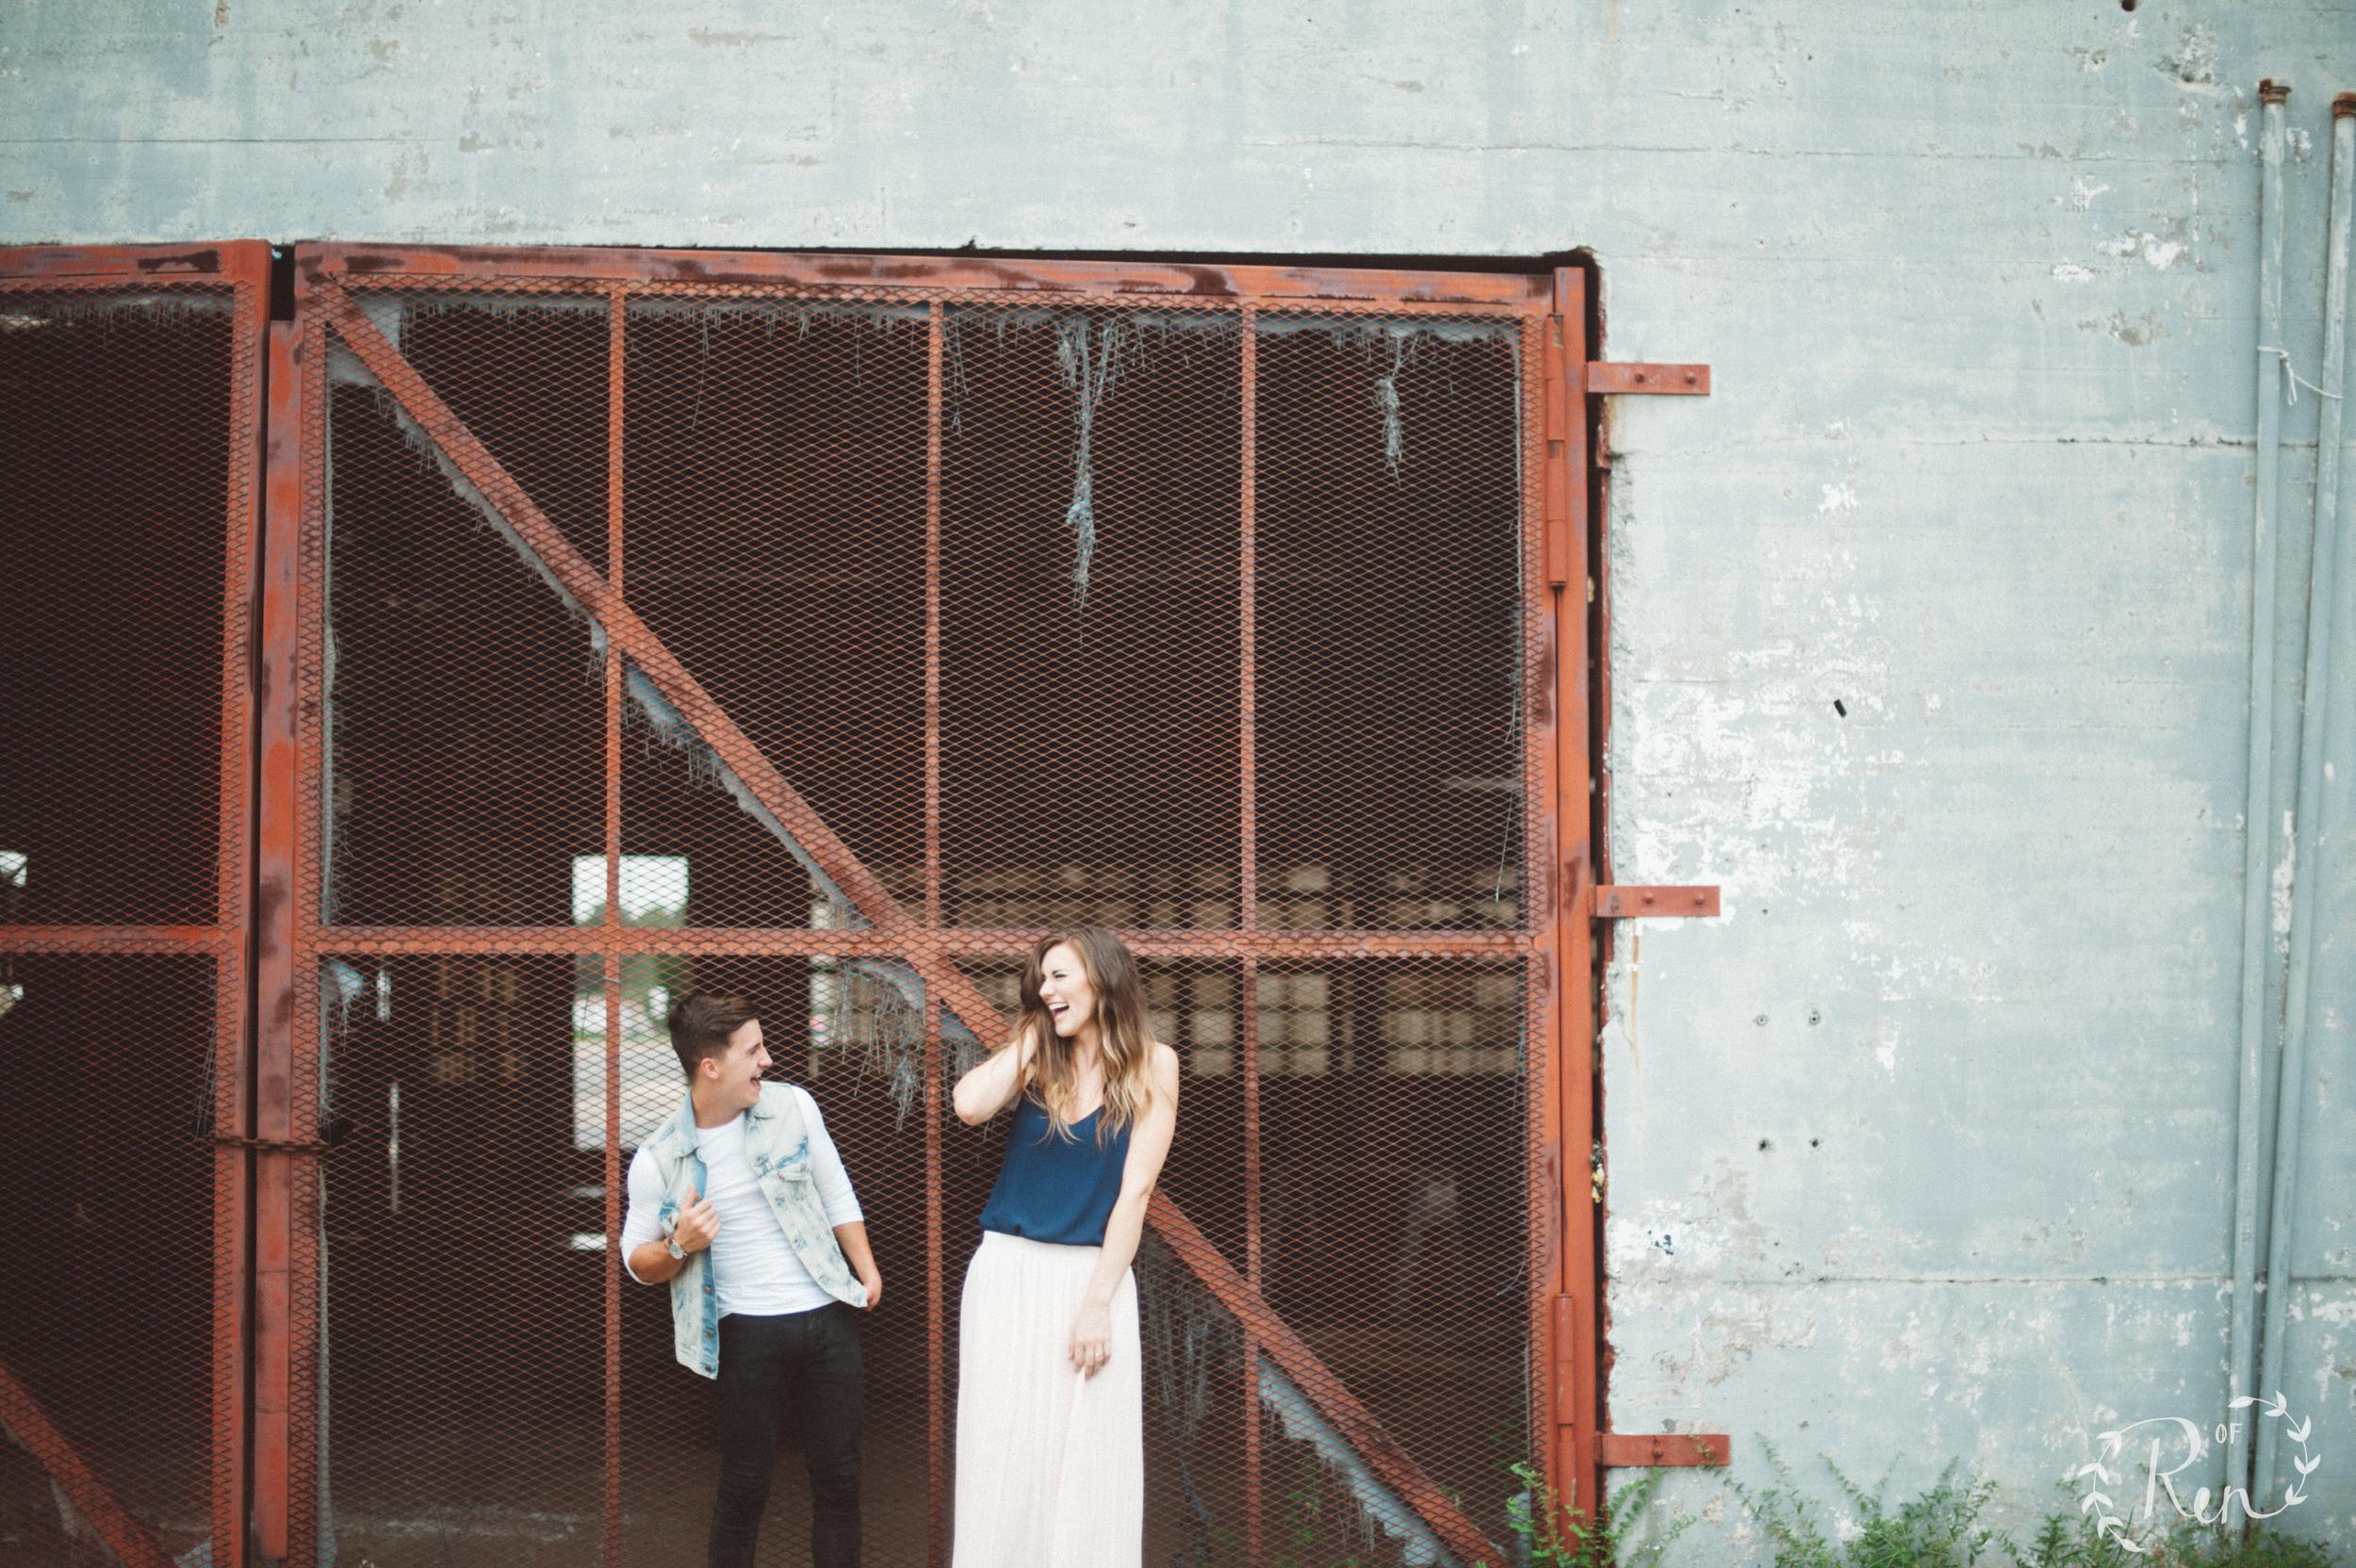 ofRen_EngagementPhotos_lensofren-39.jpg